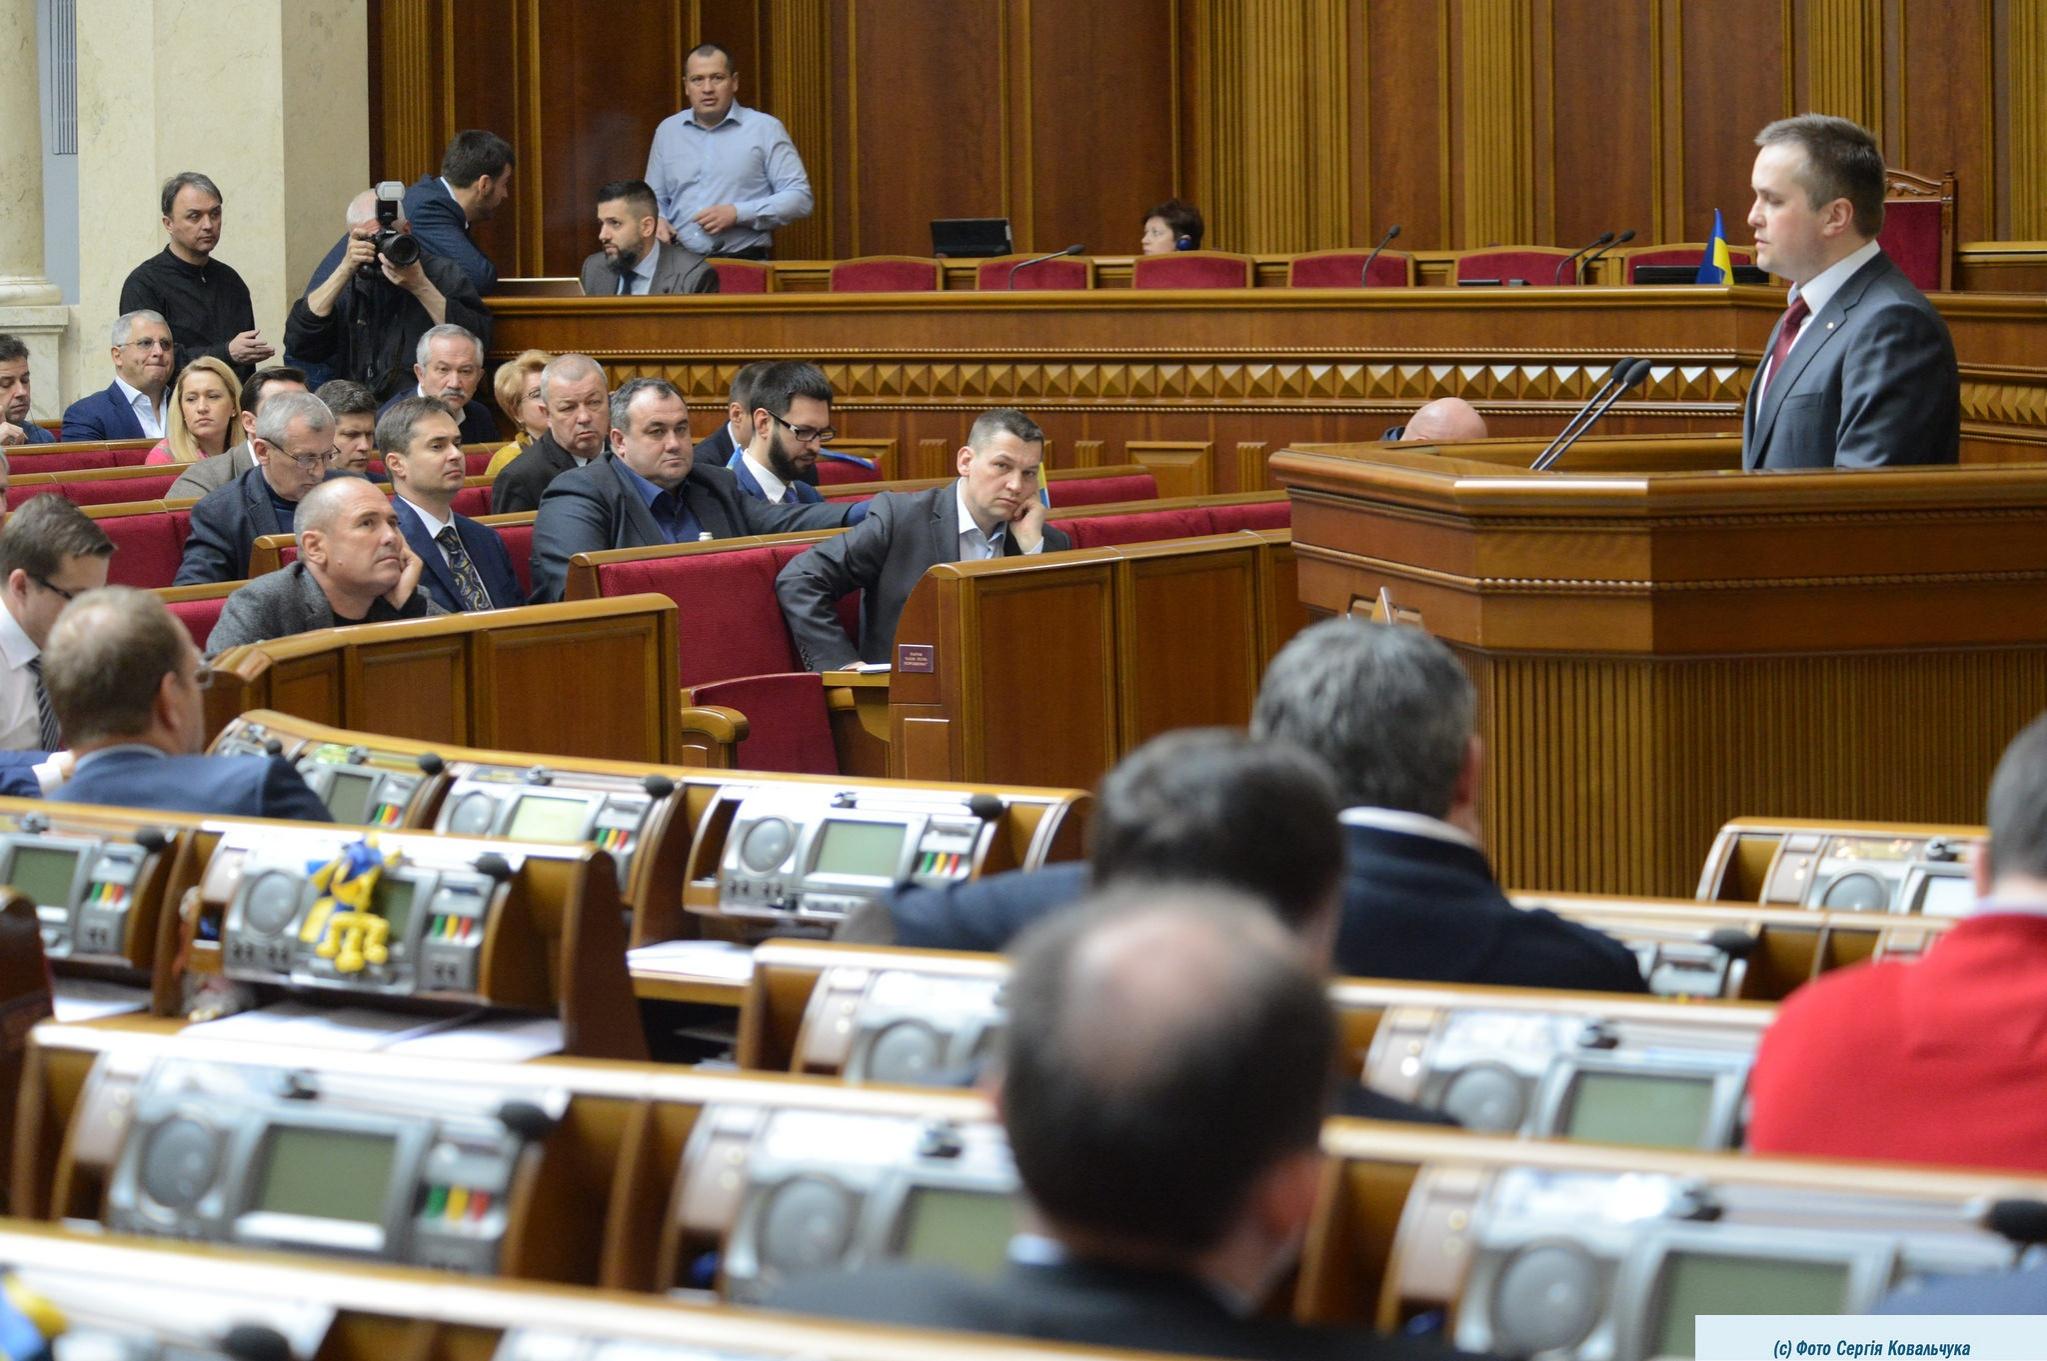 Депутаты заслушали выступление Холодницкого. Фото: Verkhovna Rada / Flickr